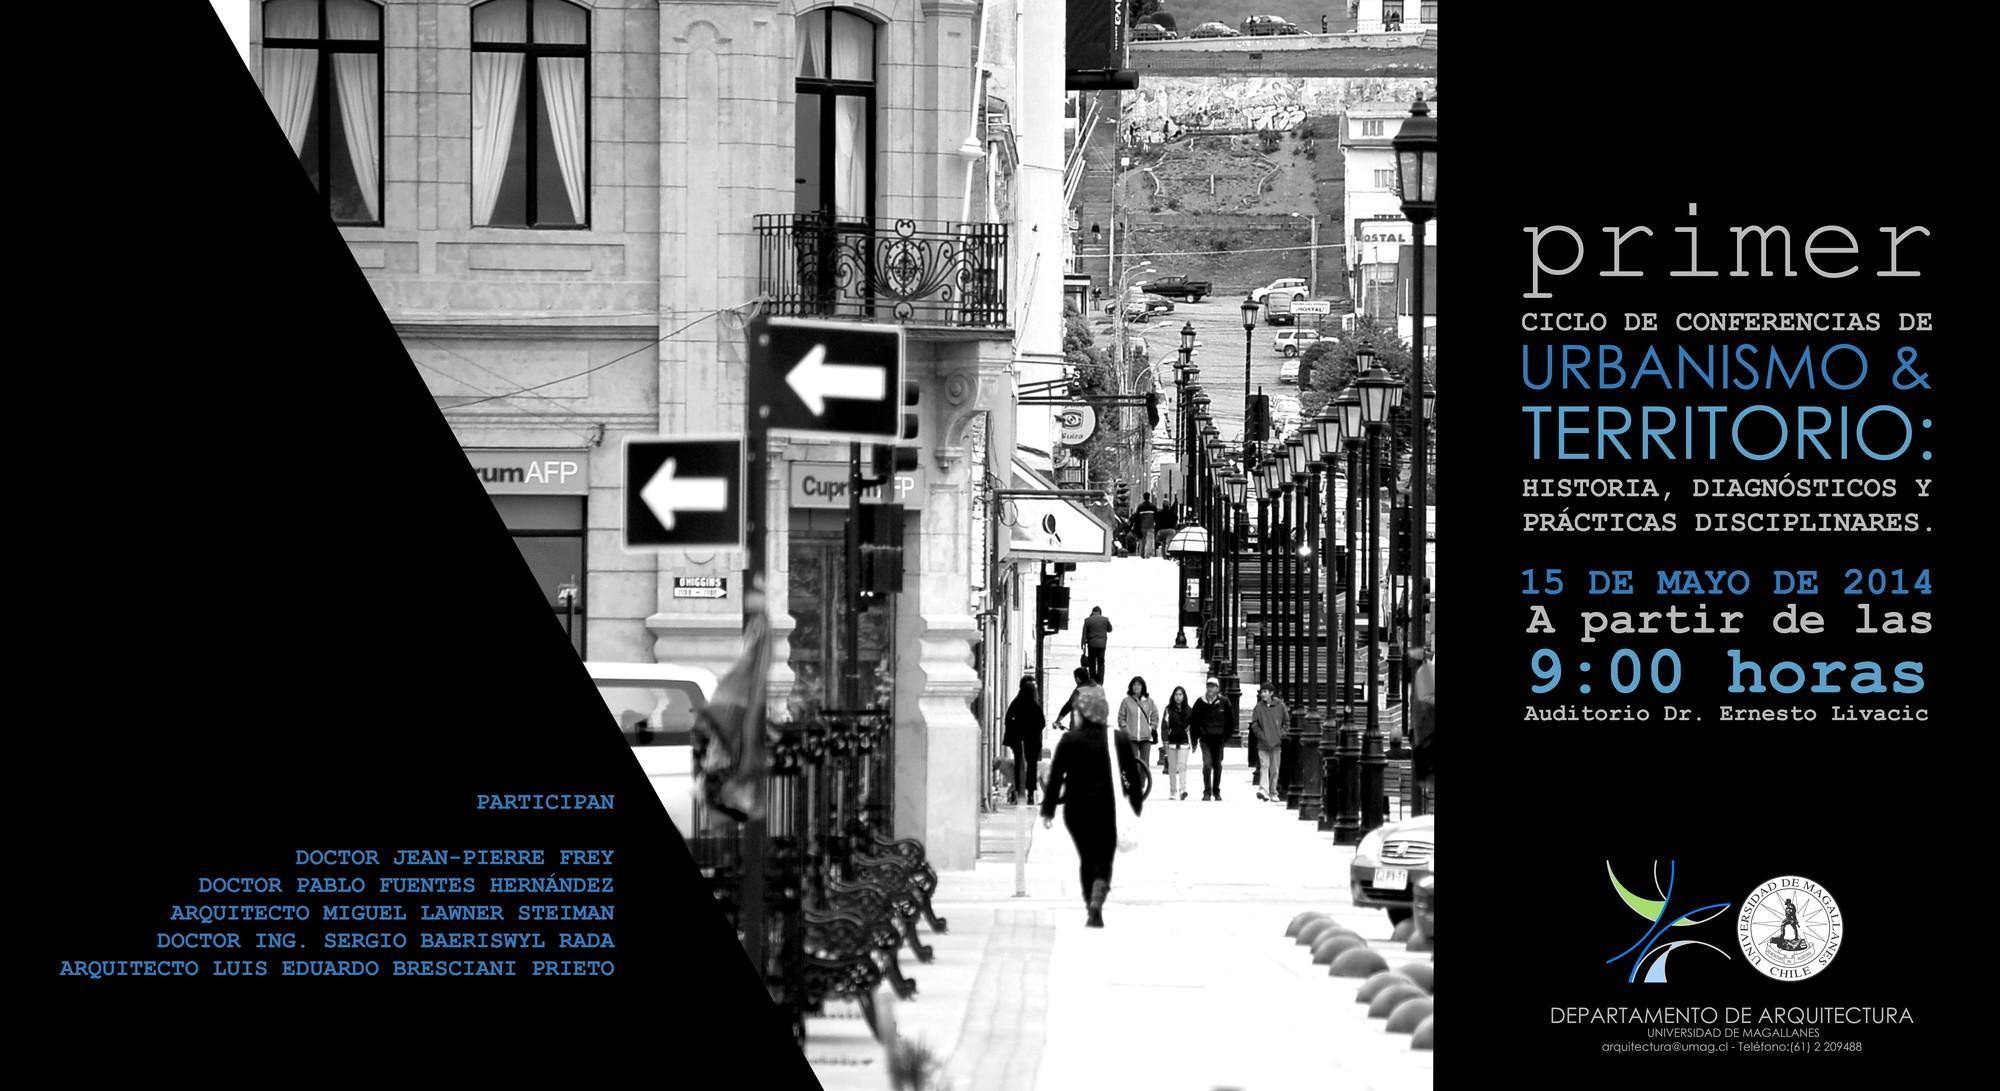 Primer ciclo de conferencias de urbanismo y territorio / Punta Arenas, Chile